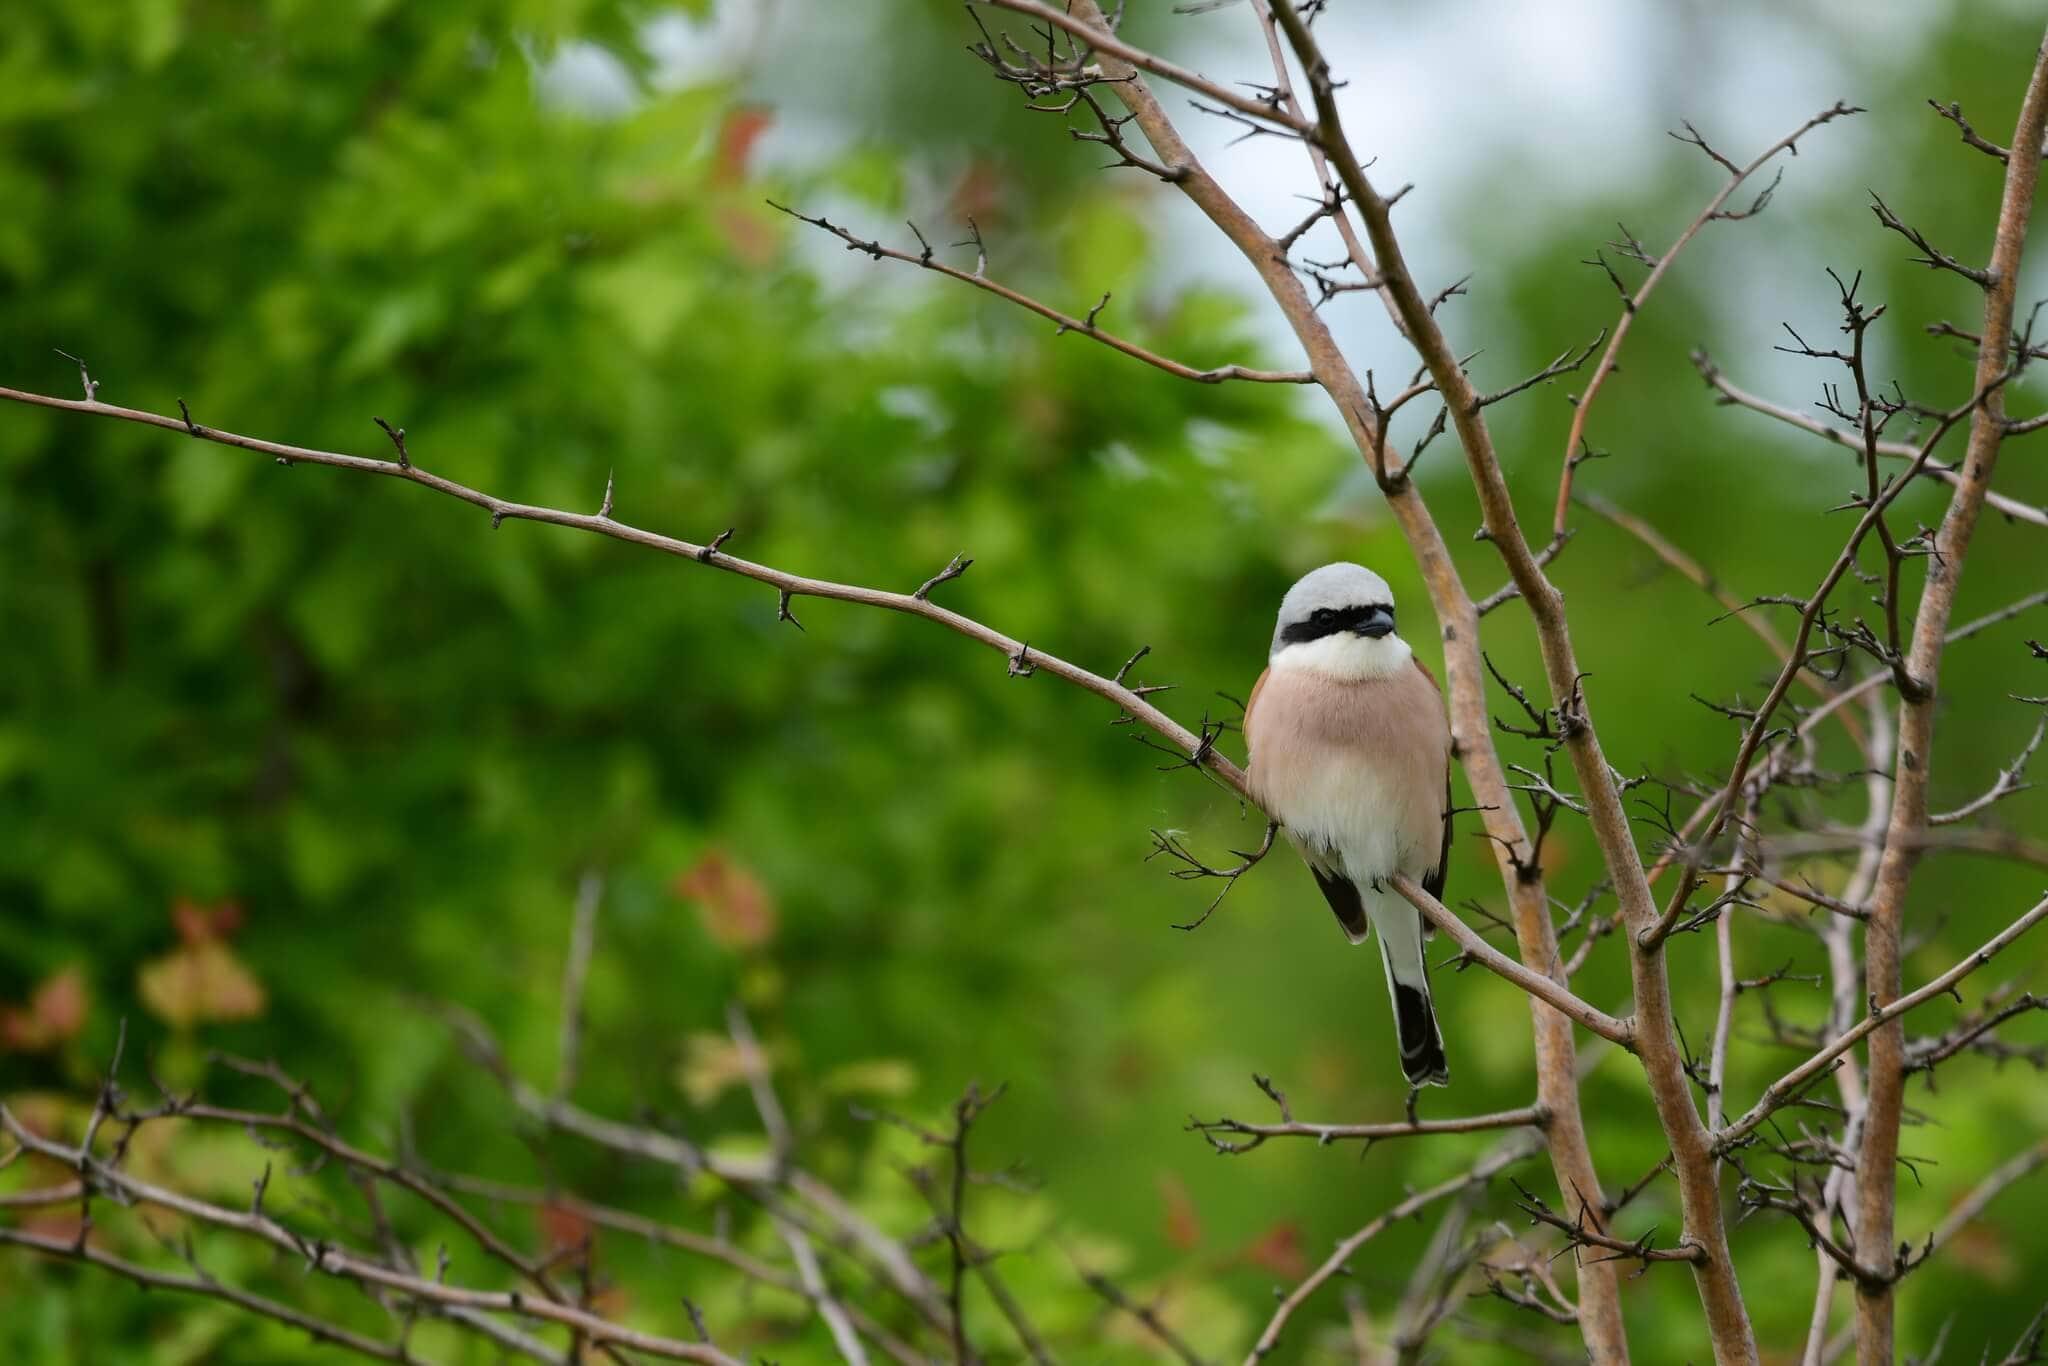 Ptaki - udokumentowane obserwacje 1